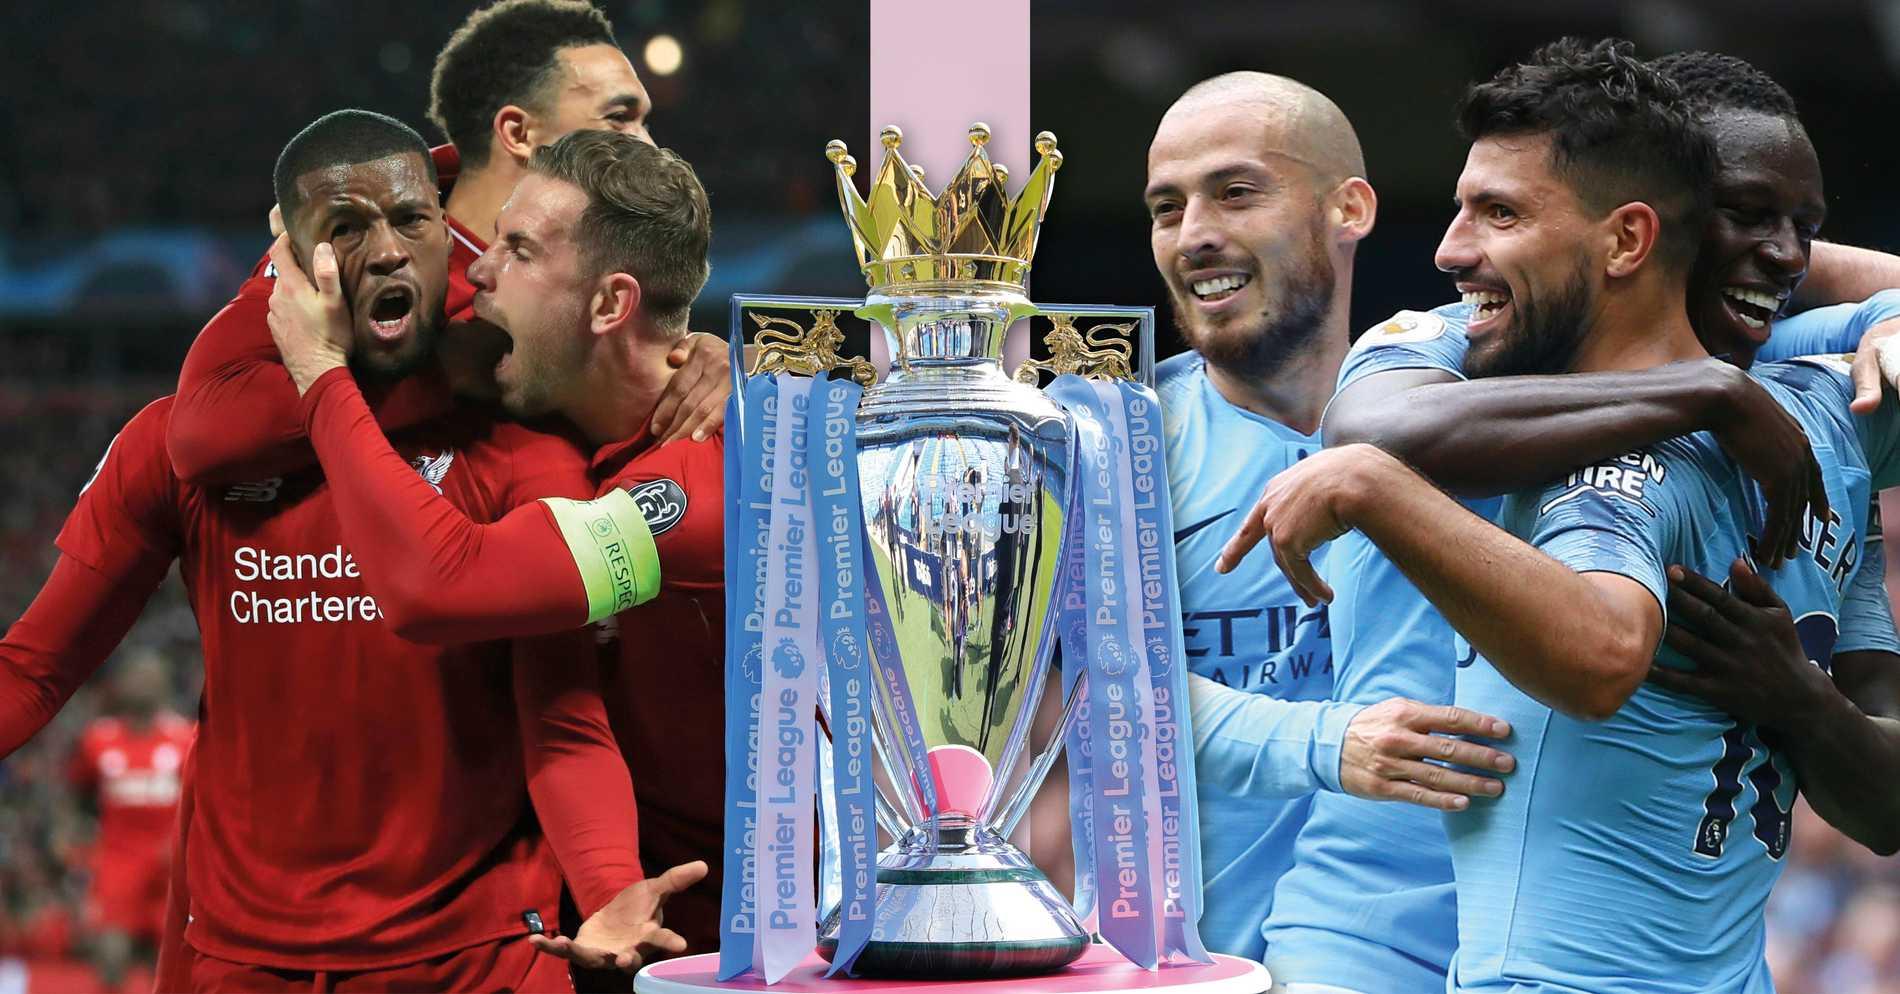 Klicka här för att se Speltips Liverpool - Manchester City